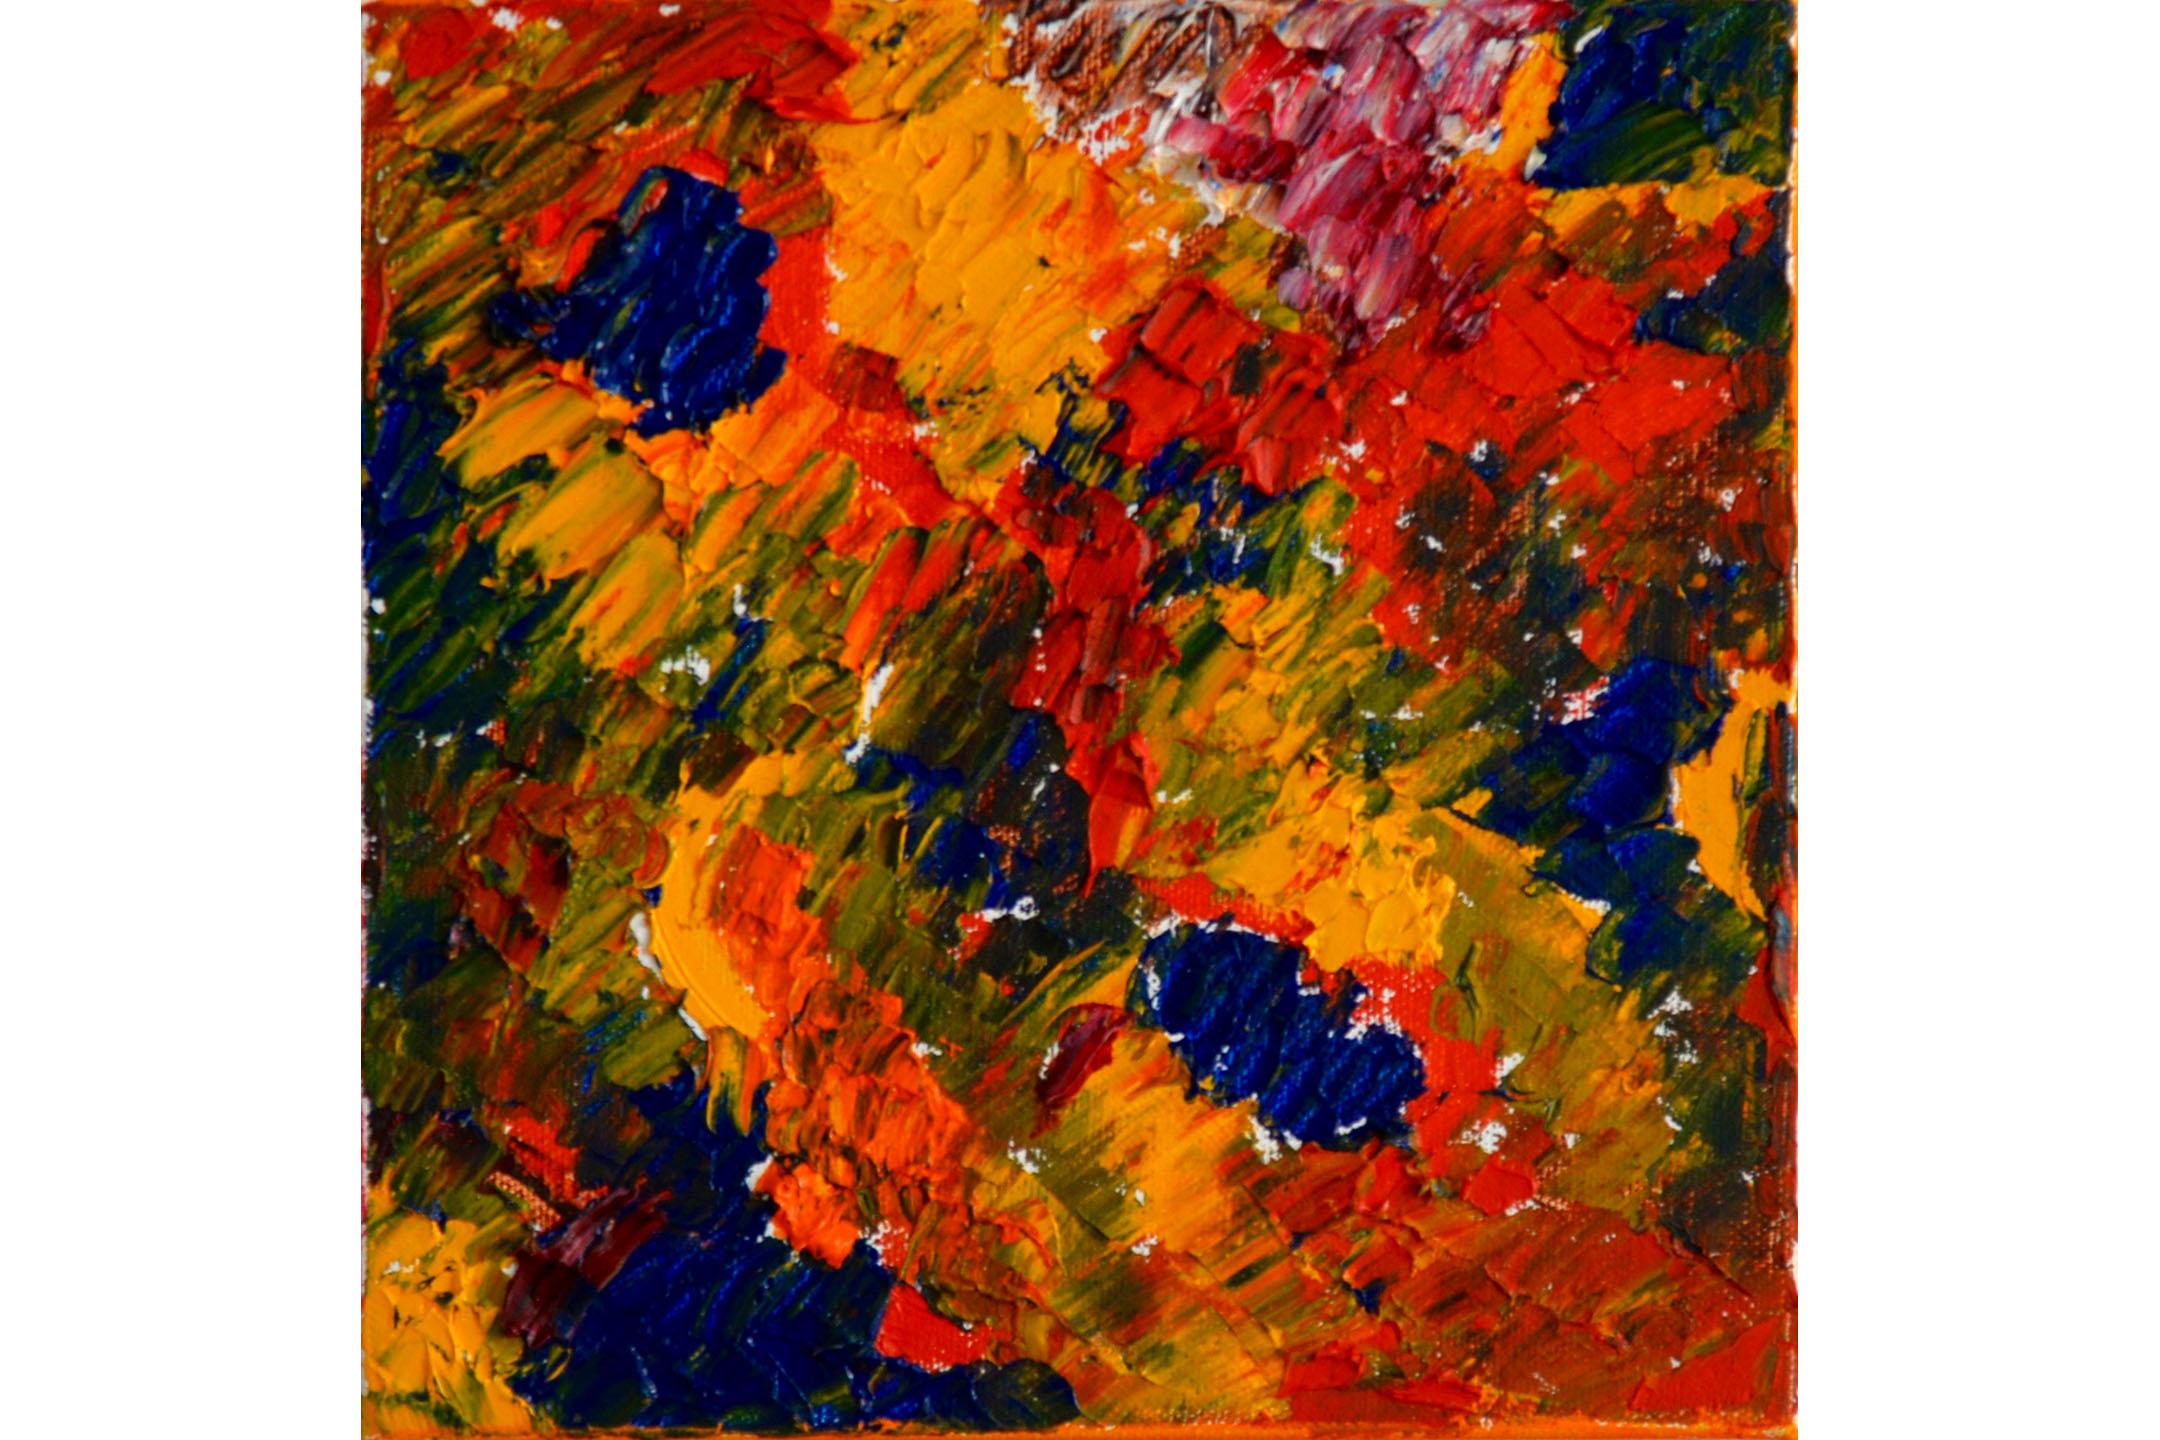 """Vera Sapozhnikova, Colors Play 1, Oil on canvas, 8"""" x 8"""", 2016"""